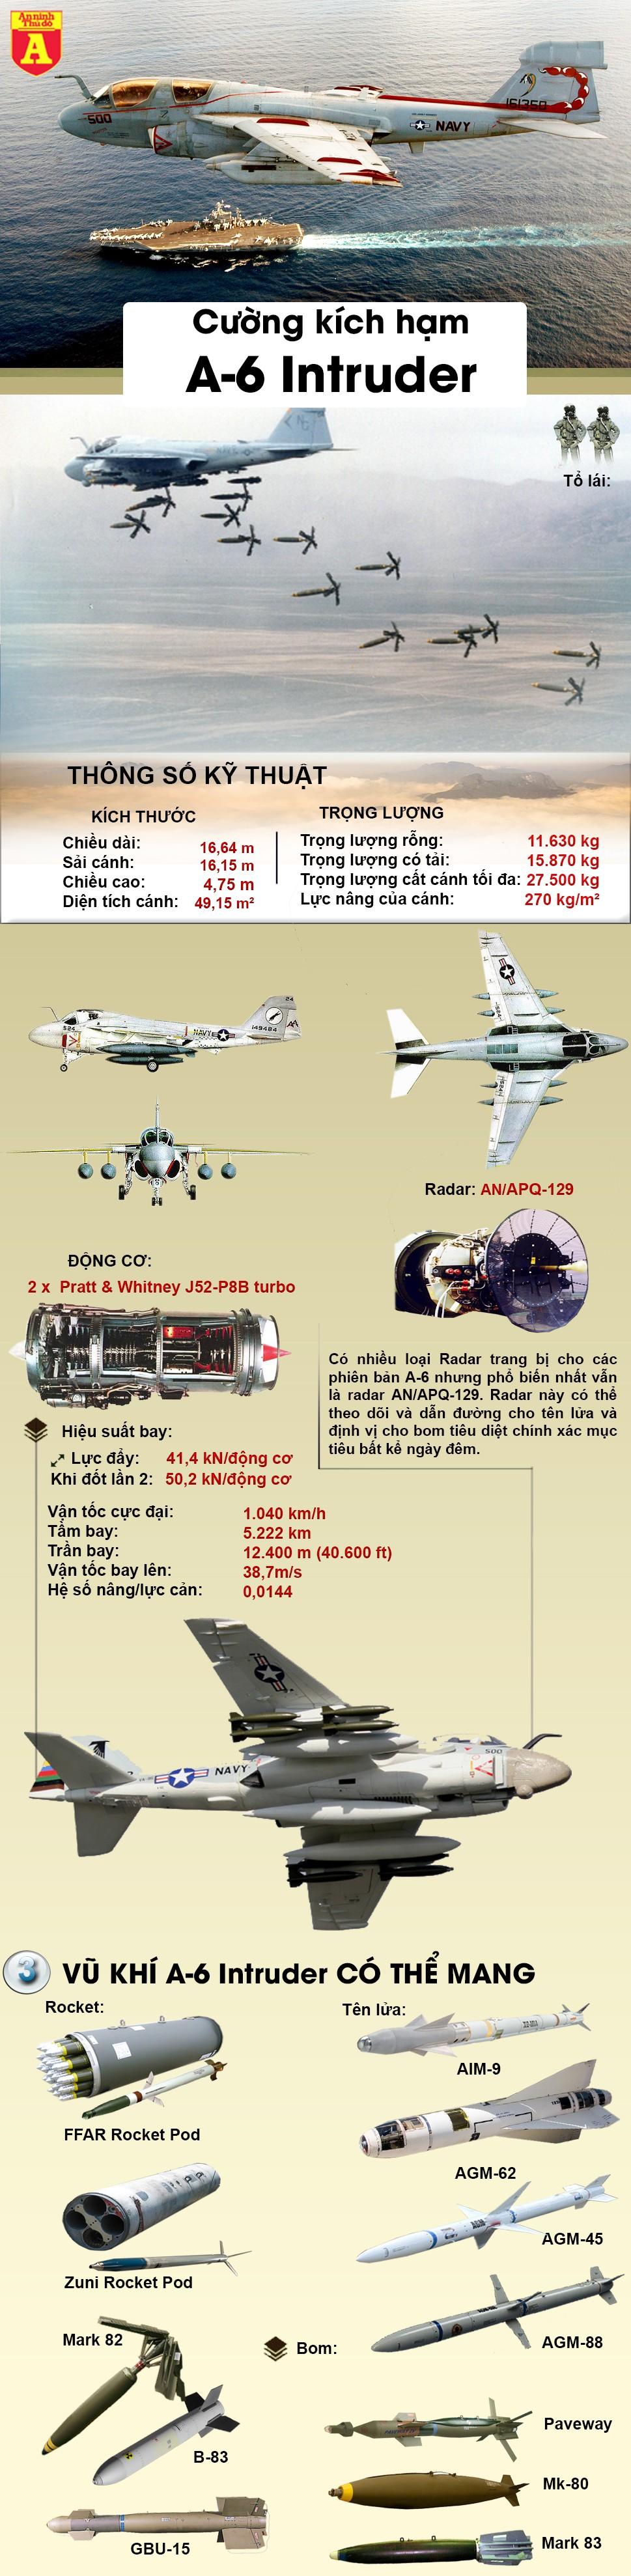 """[Infographic] Khám phá """"giặc nhà trời"""" của Mỹ bị bắn hạ trên bầu trời Hà Nội ảnh 2"""